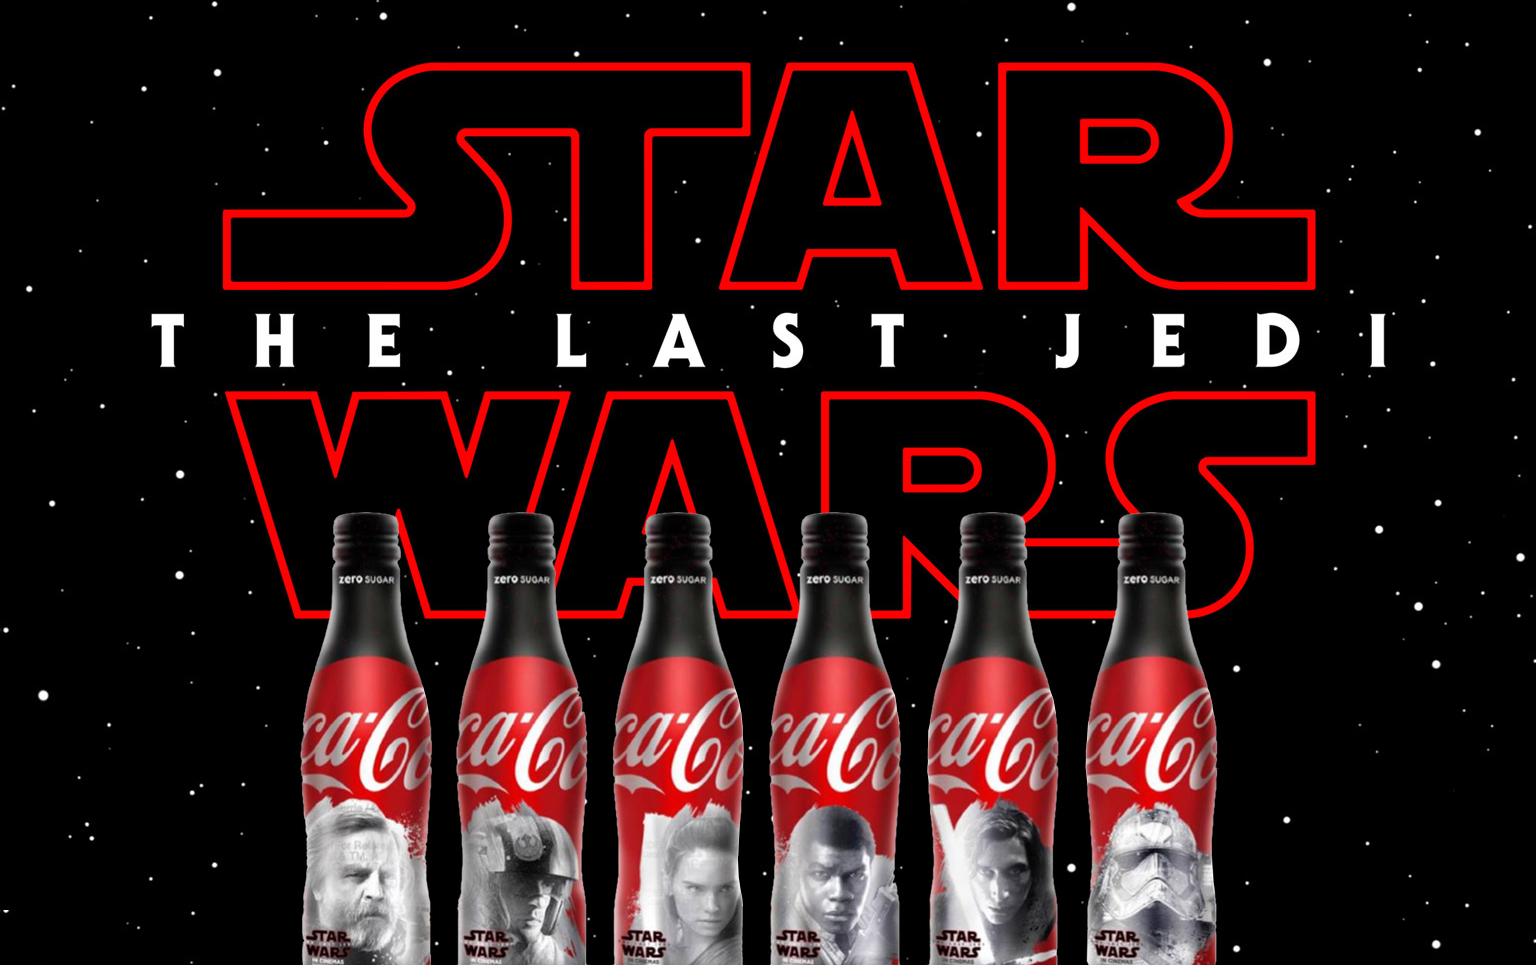 Star Wars The Last Jedi Coca Cola